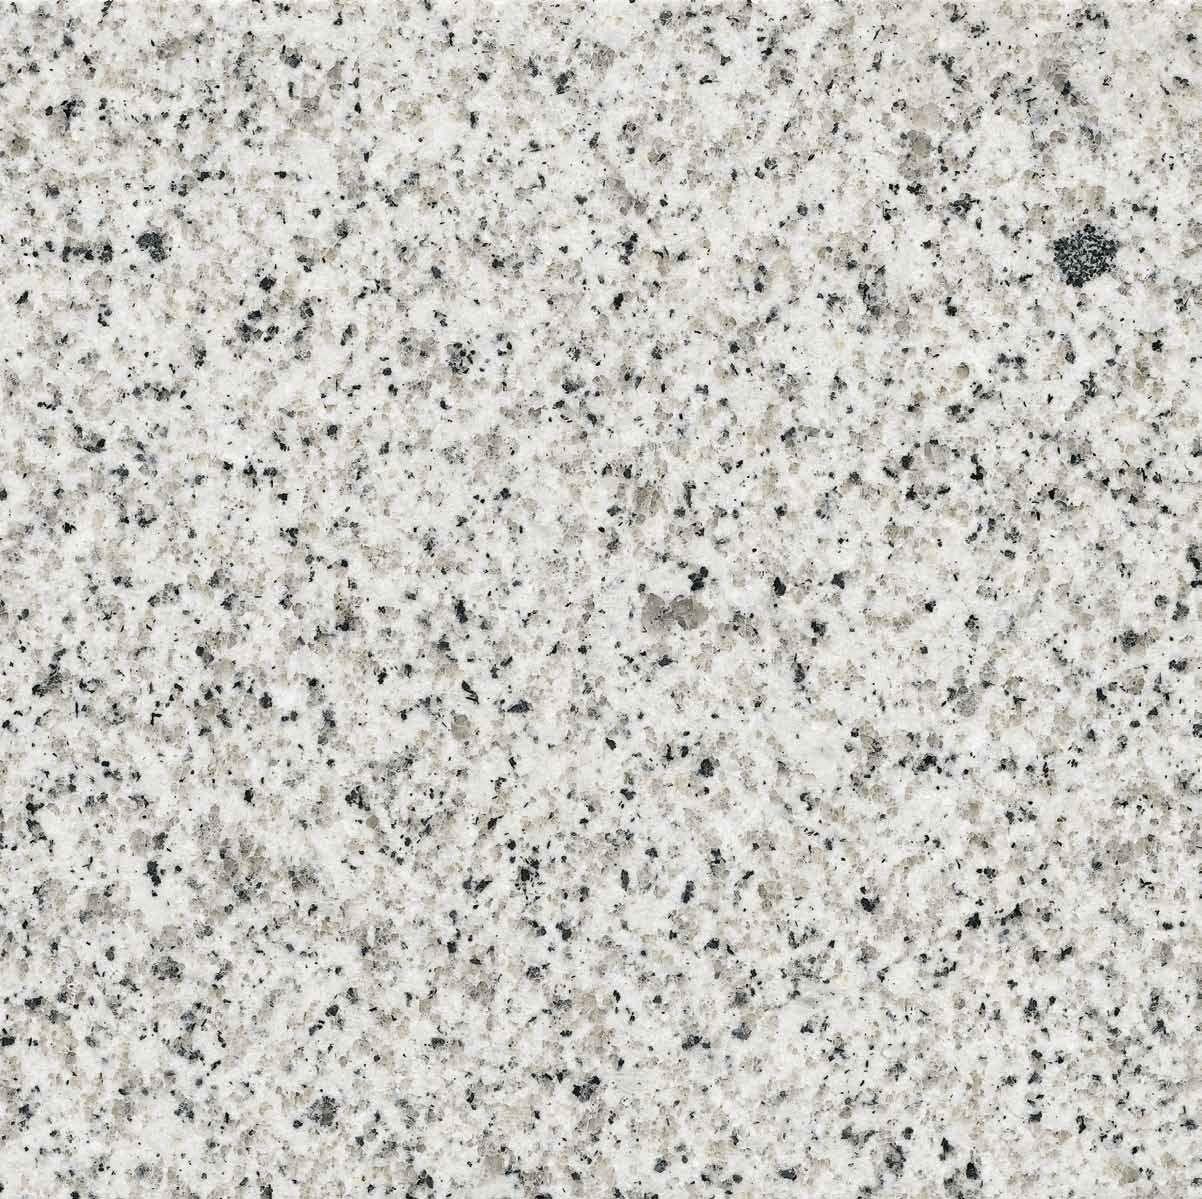 Blanco cristal granito yo pondr a este en un espacio for Granito blanco cristal precio